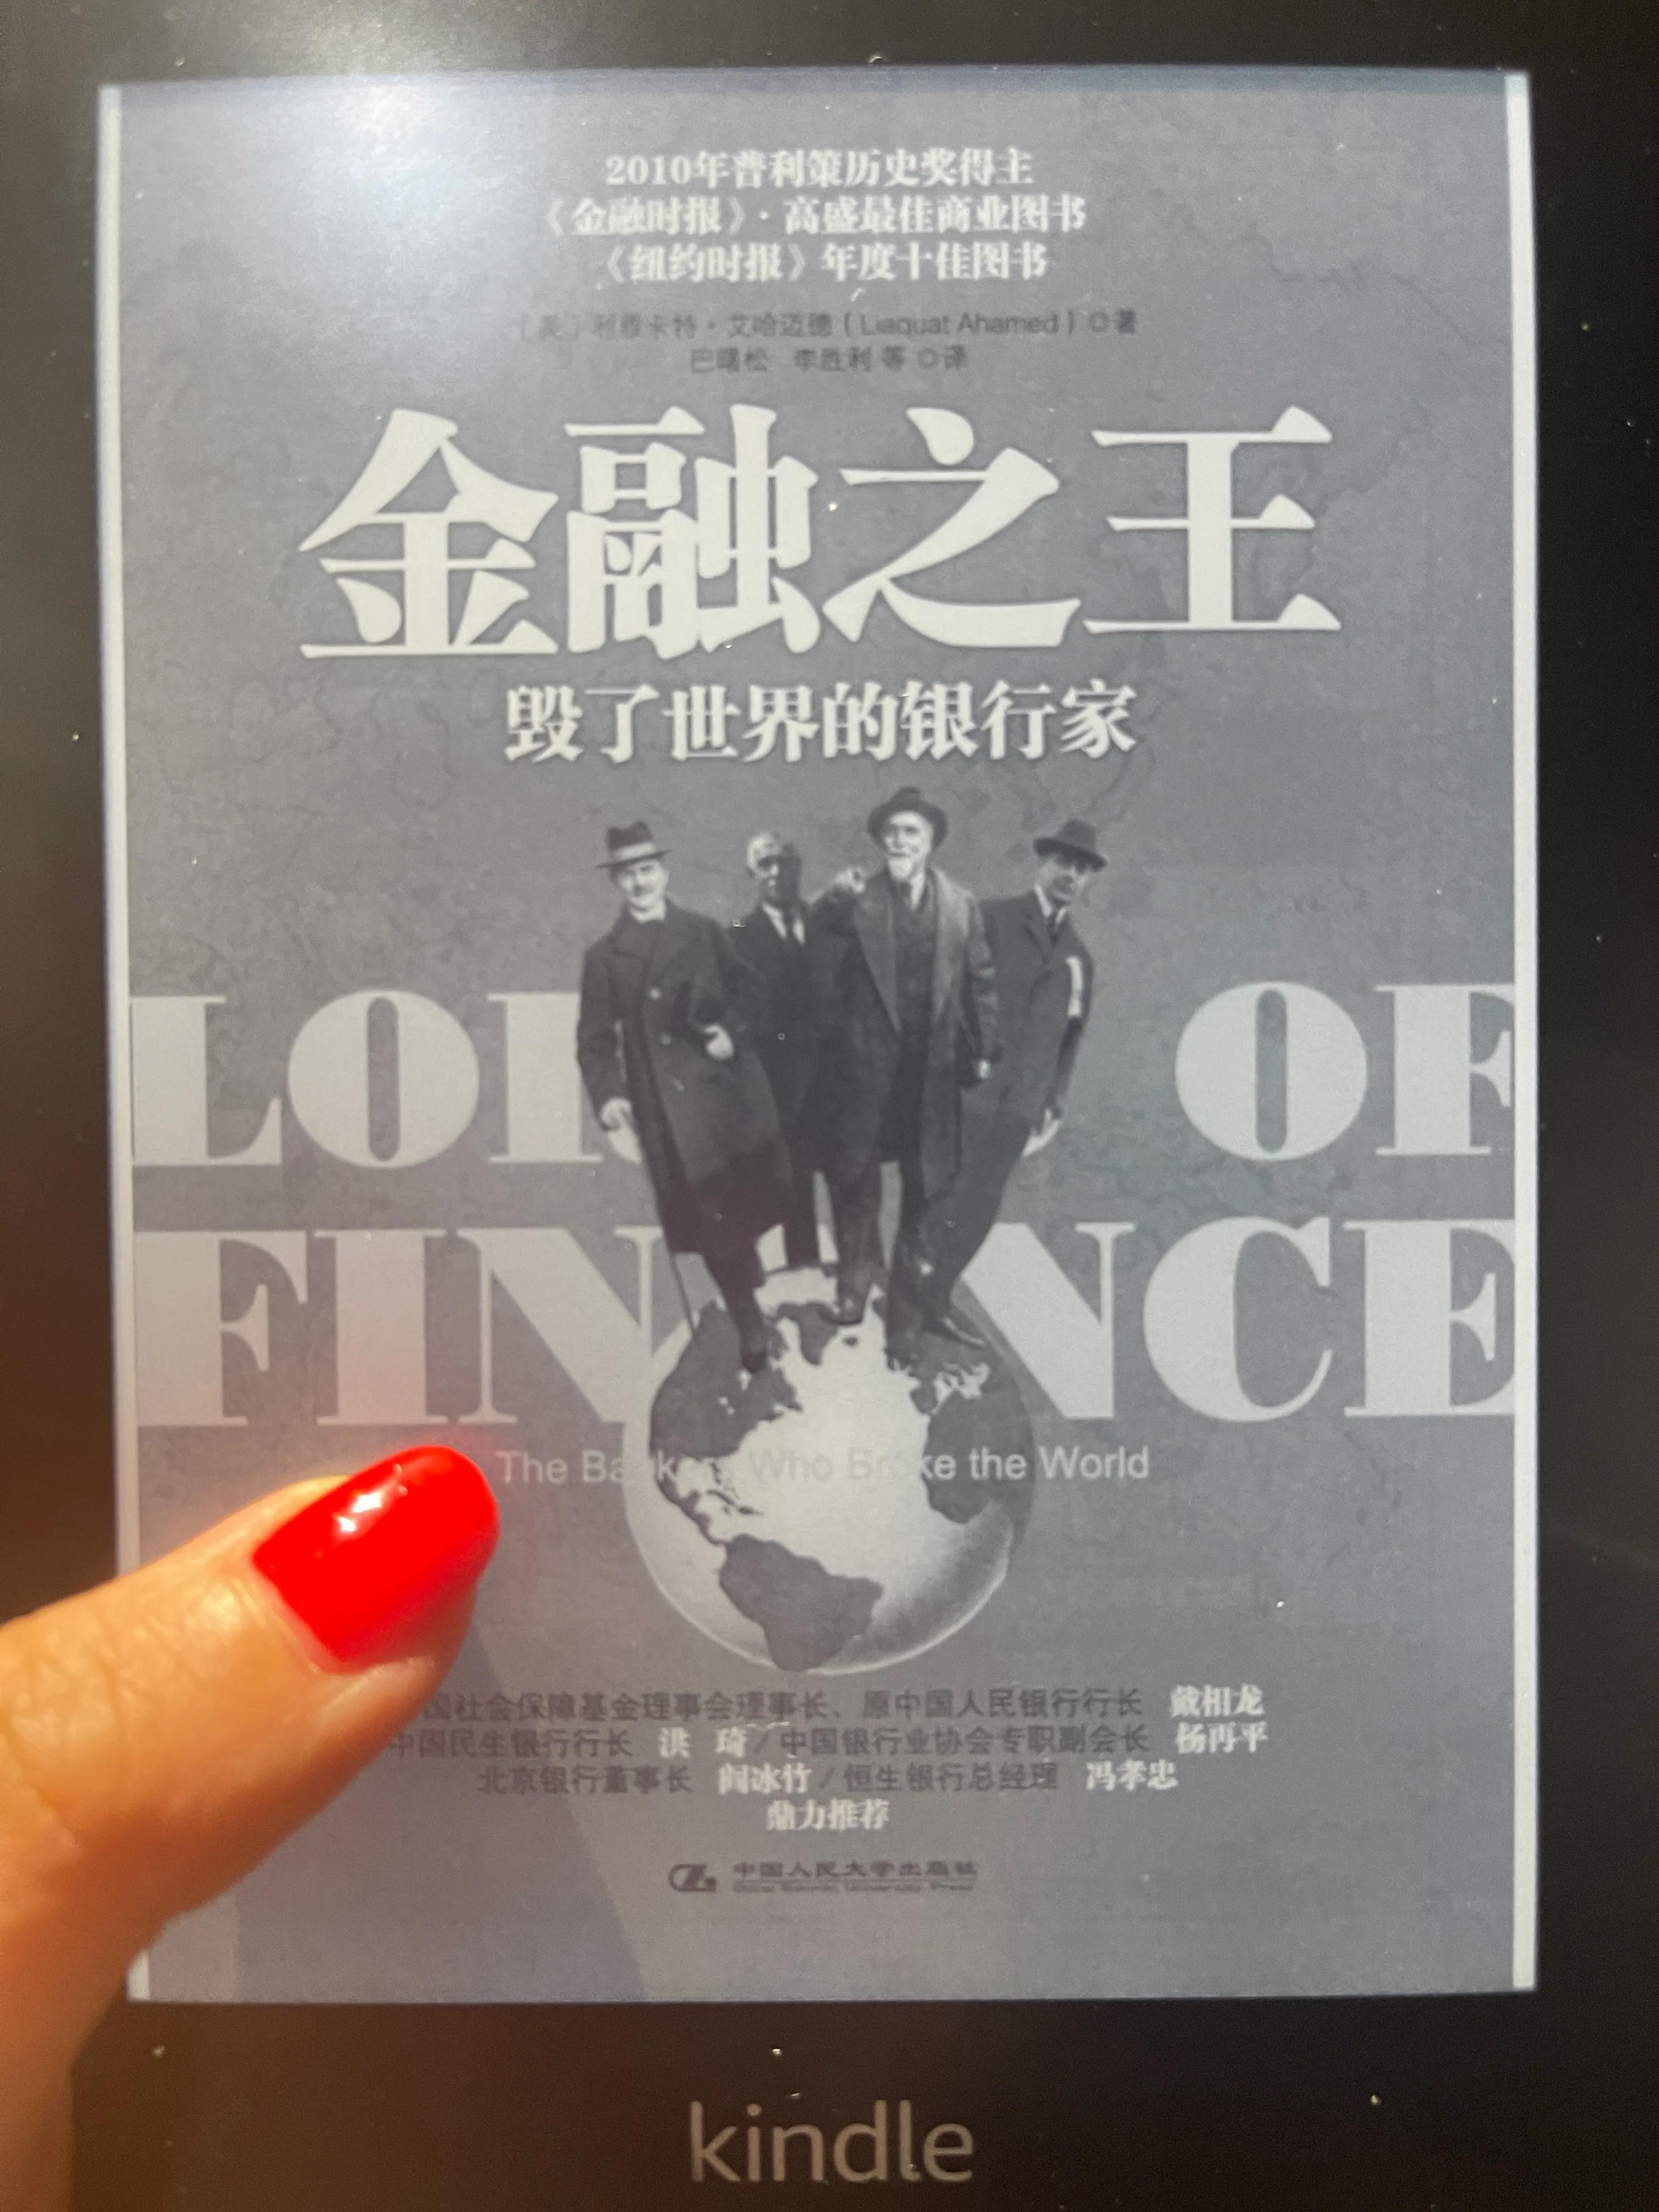 能毁灭世界的金融家